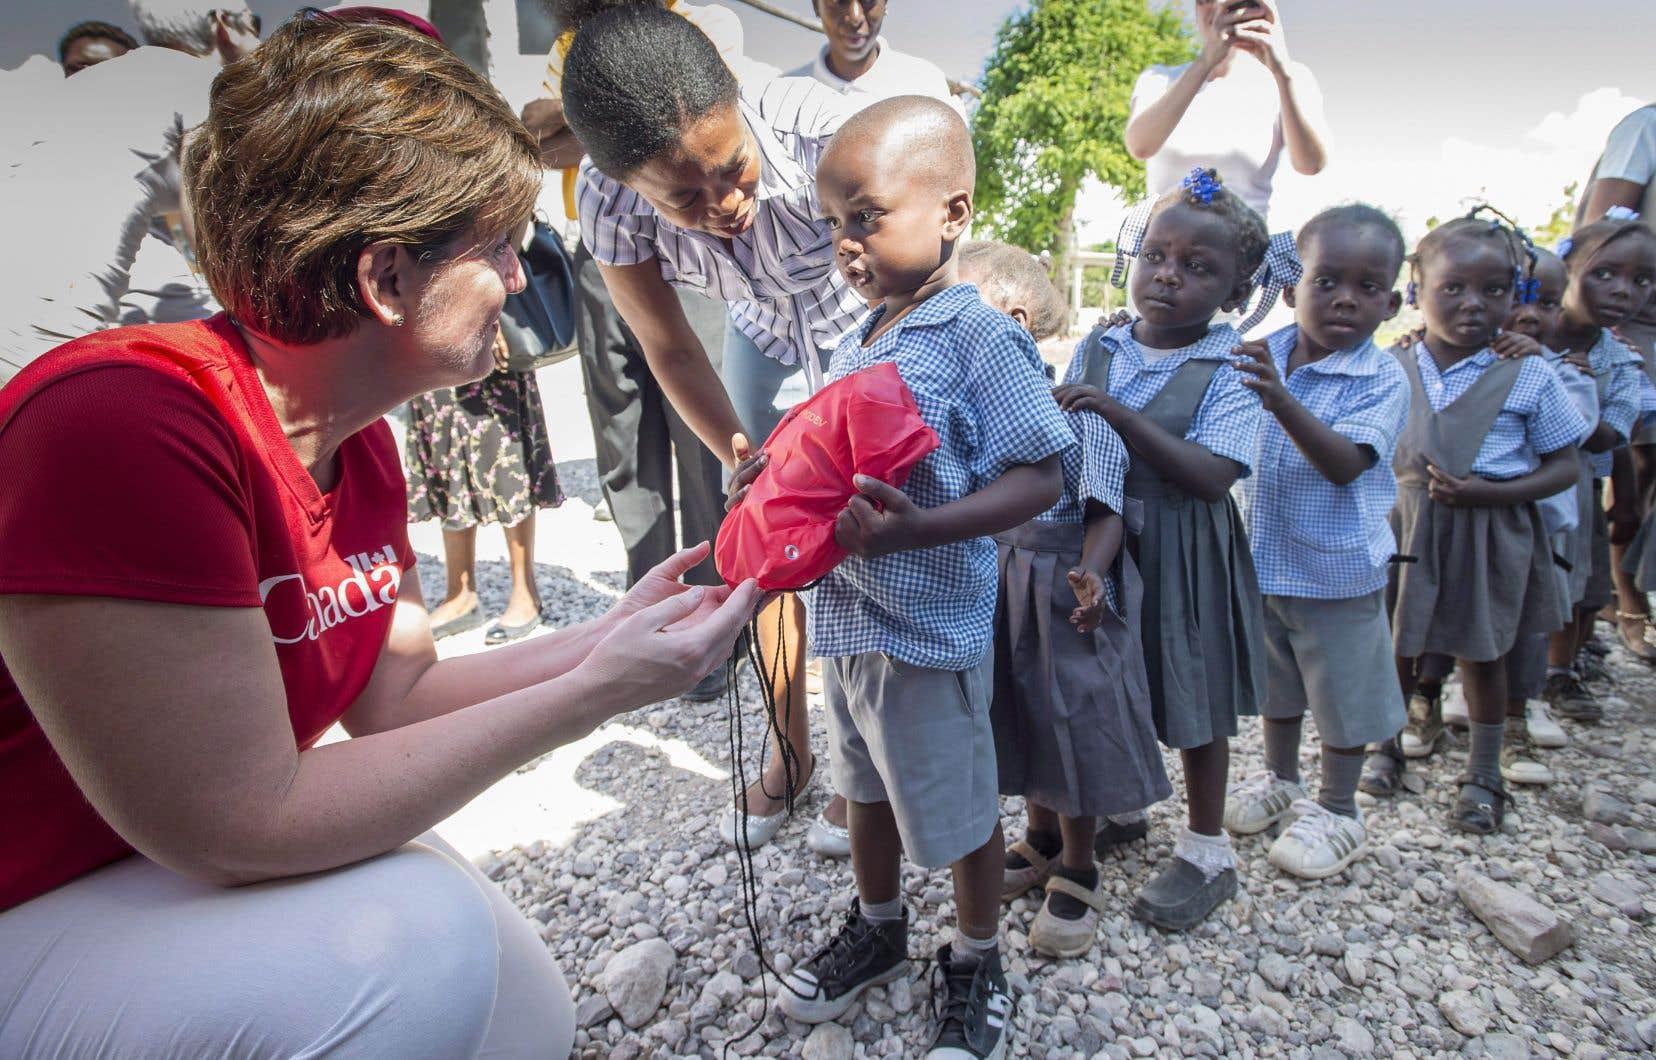 La ministre canadienne du Développement international, Marie-Claude Bibeau, que l'on voit ici distribuant du matériel scolaire à des enfants haïtiens après le passage de l'ouragan «Matthew», en novembre dernier, réitère sa confiance dans les organisations humanitaires canadiennes.